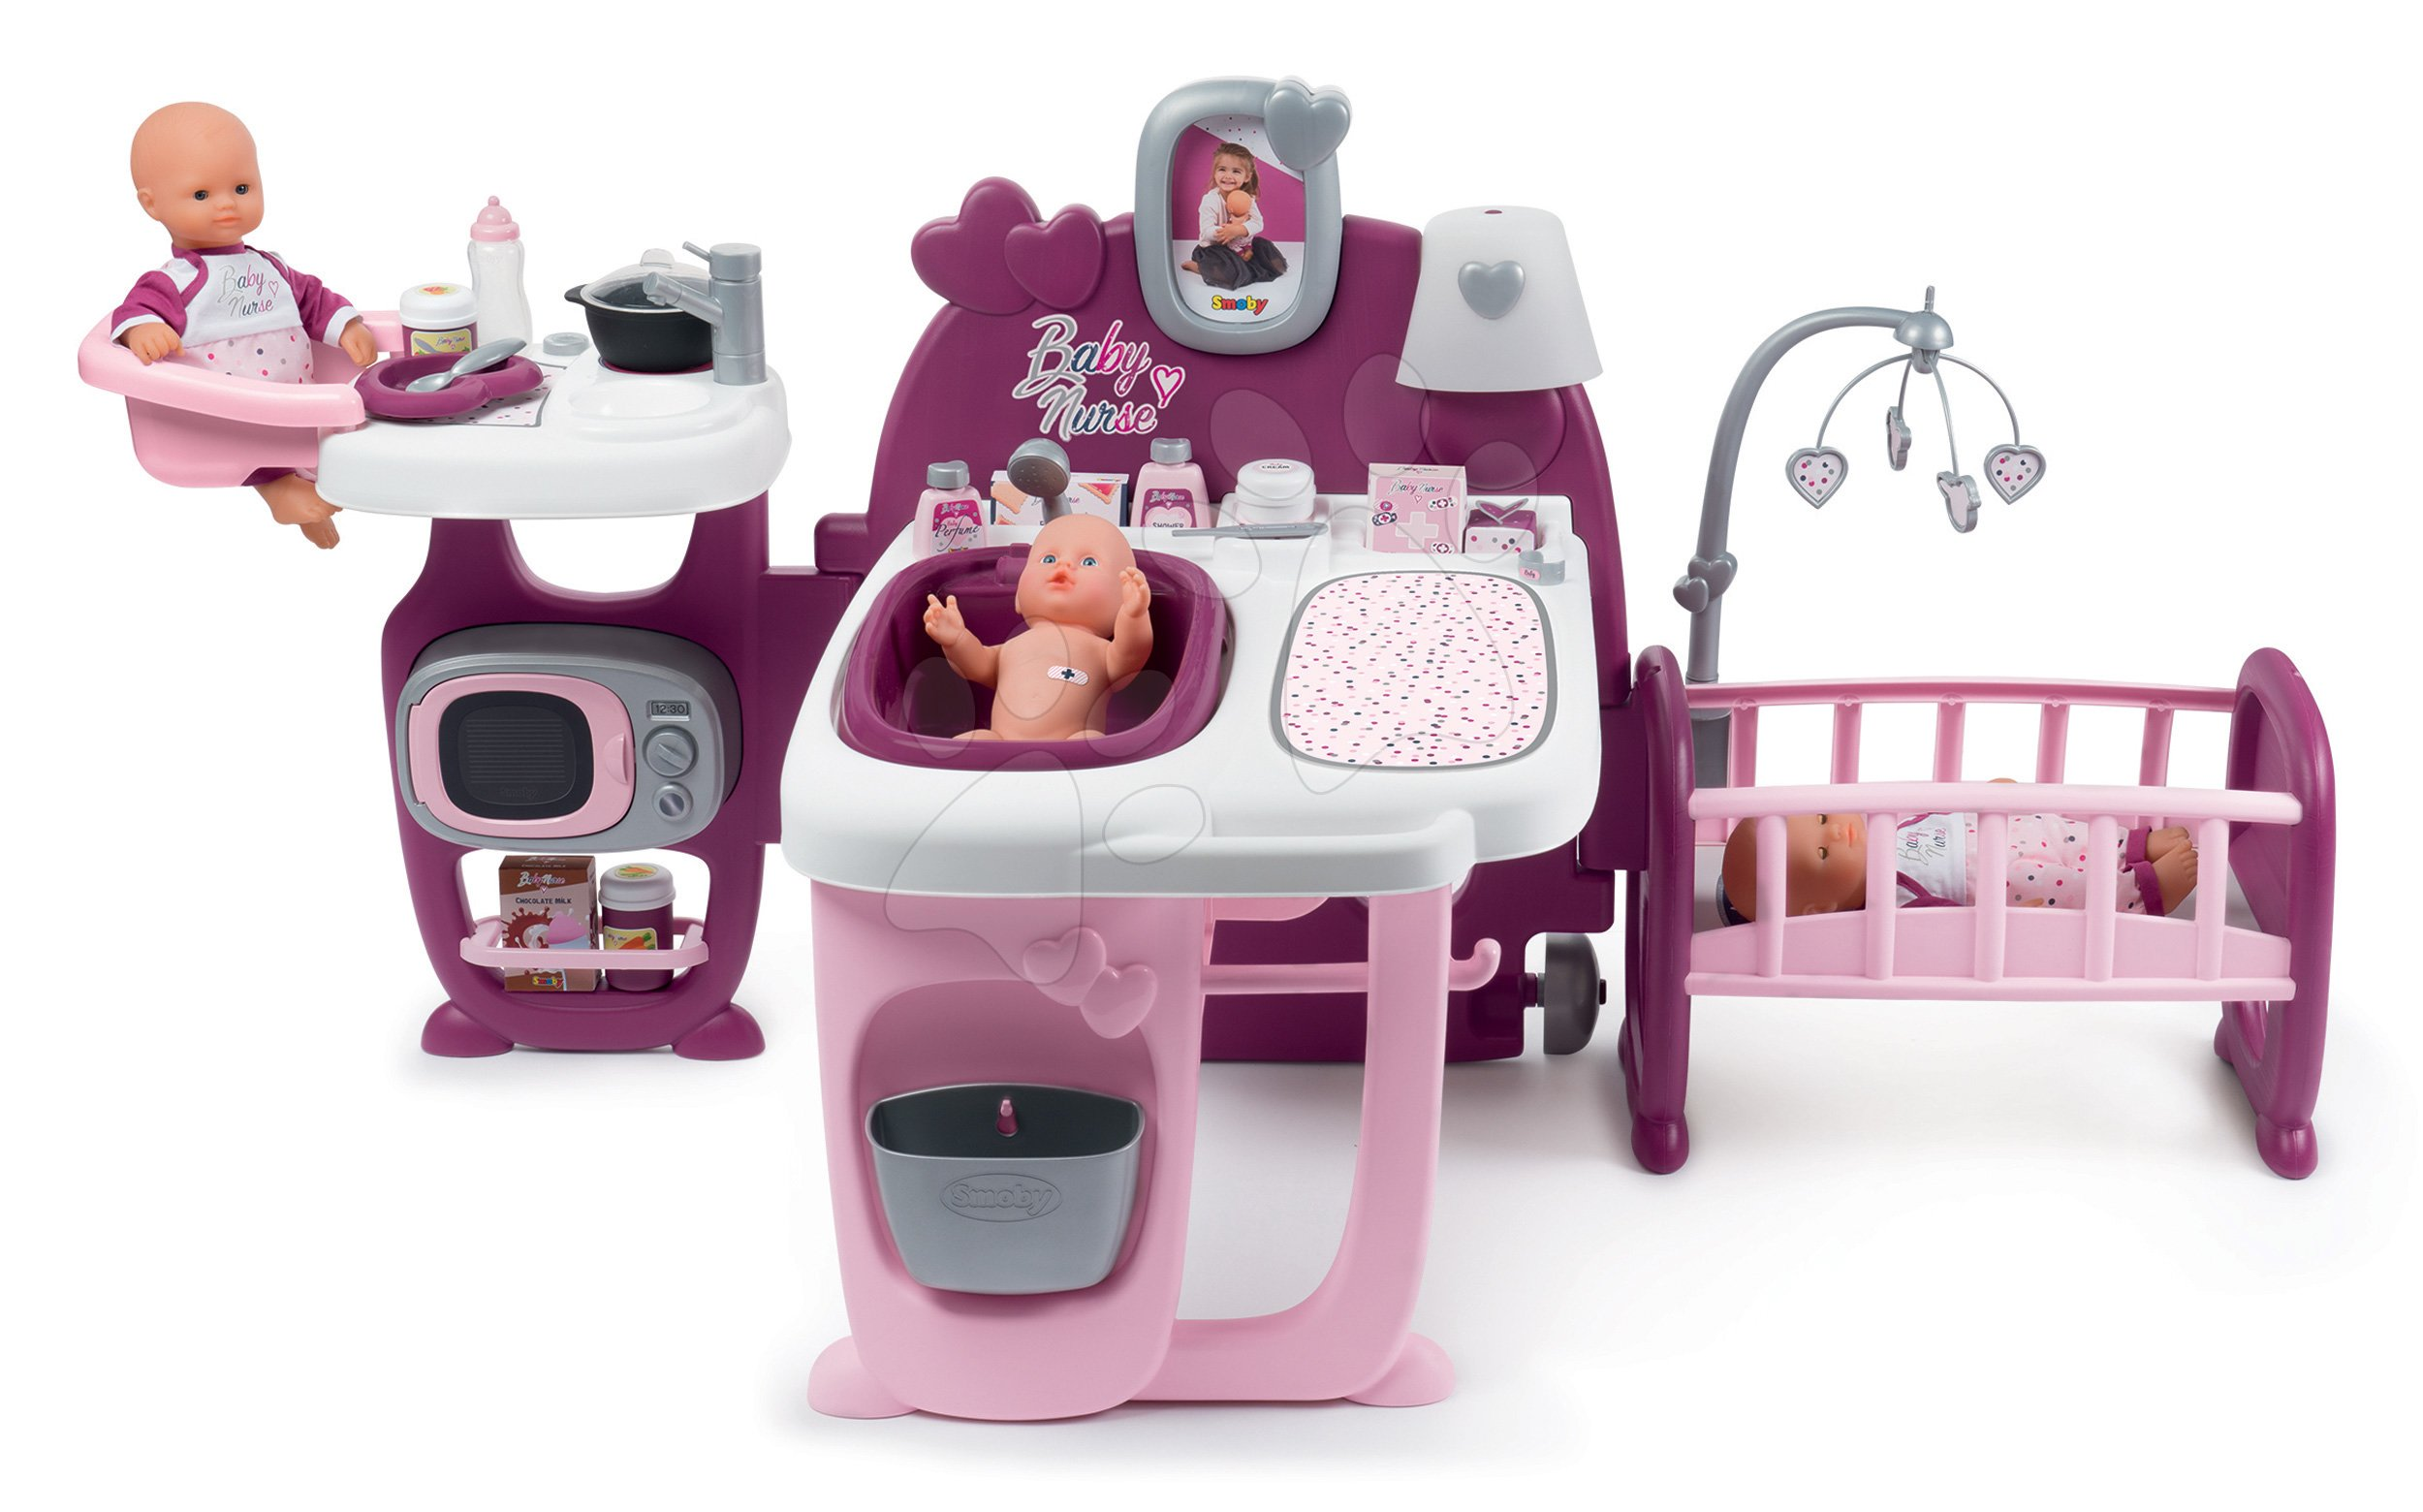 Domček pre bábiku Violette Baby Nurse Large Doll's Play Center Smoby trojkrídlový s 23 doplnkami (kuchynka, kúpelňa, spálňa)